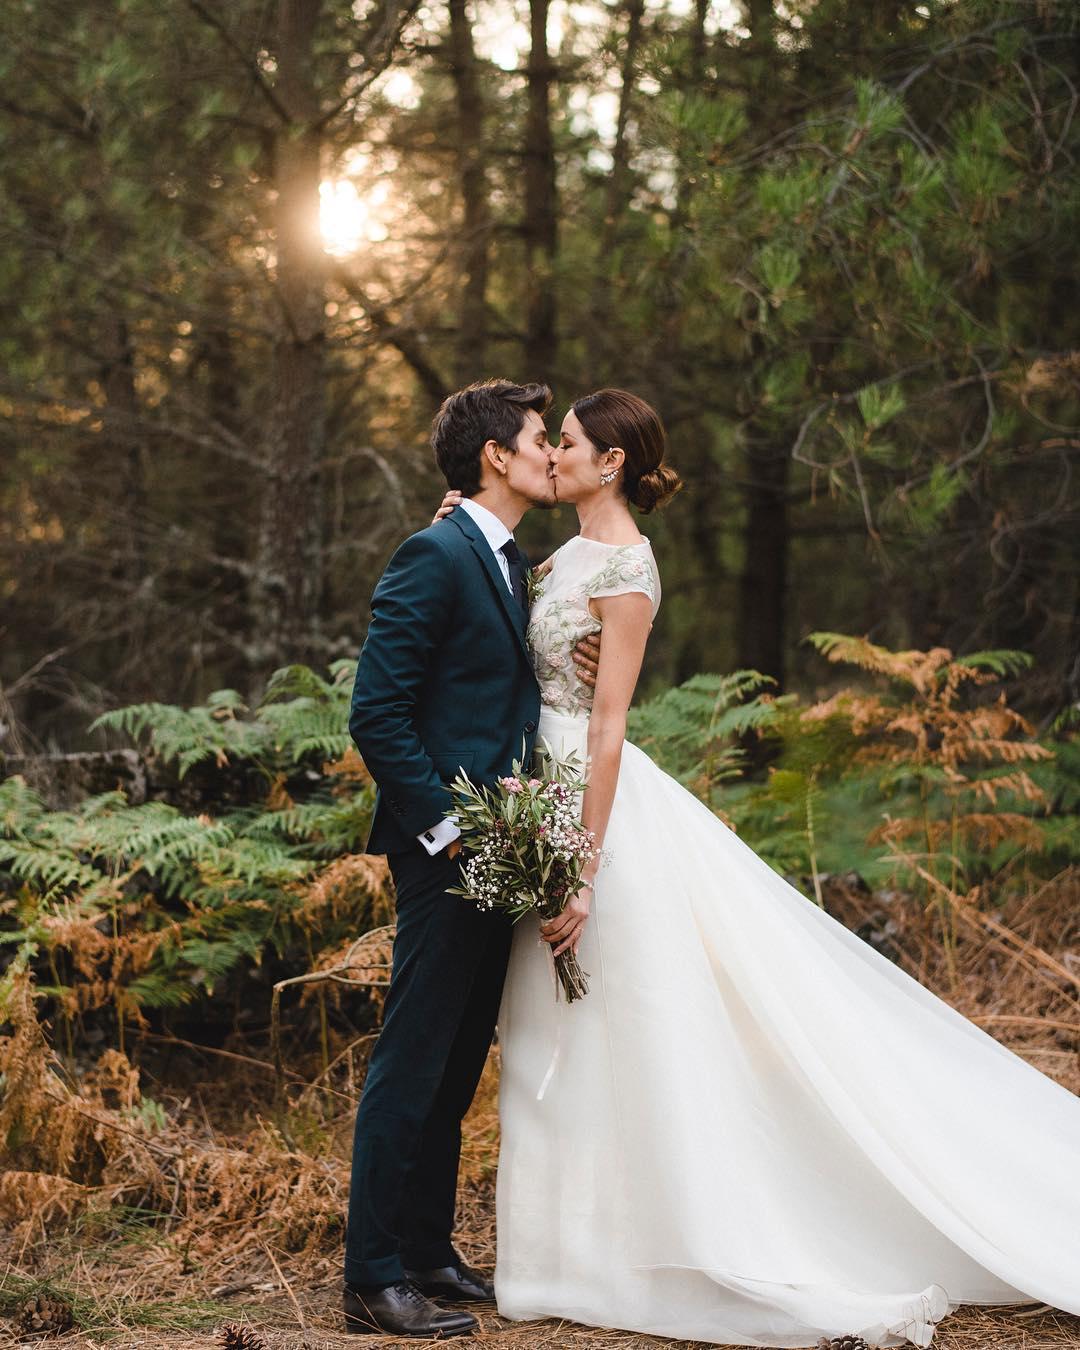 La boda de Dafne Fernández y Mario Chavarria